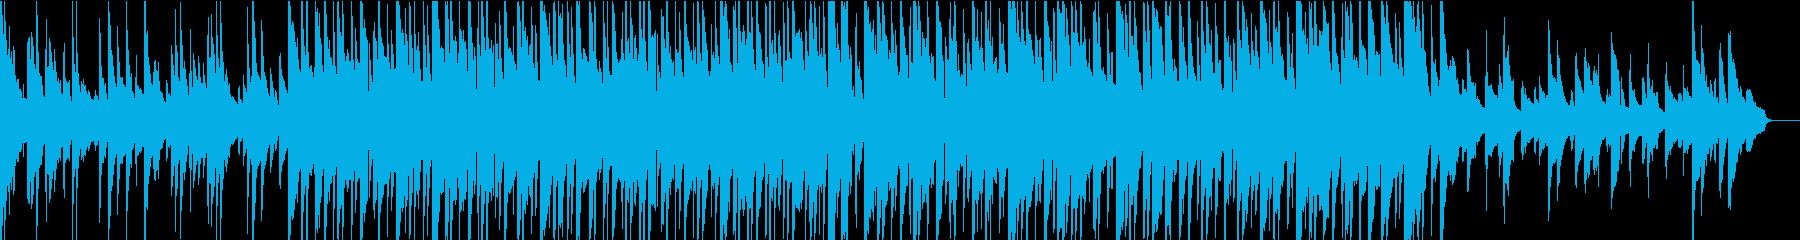 代替案 ポップ 民謡 アクティブ ...の再生済みの波形